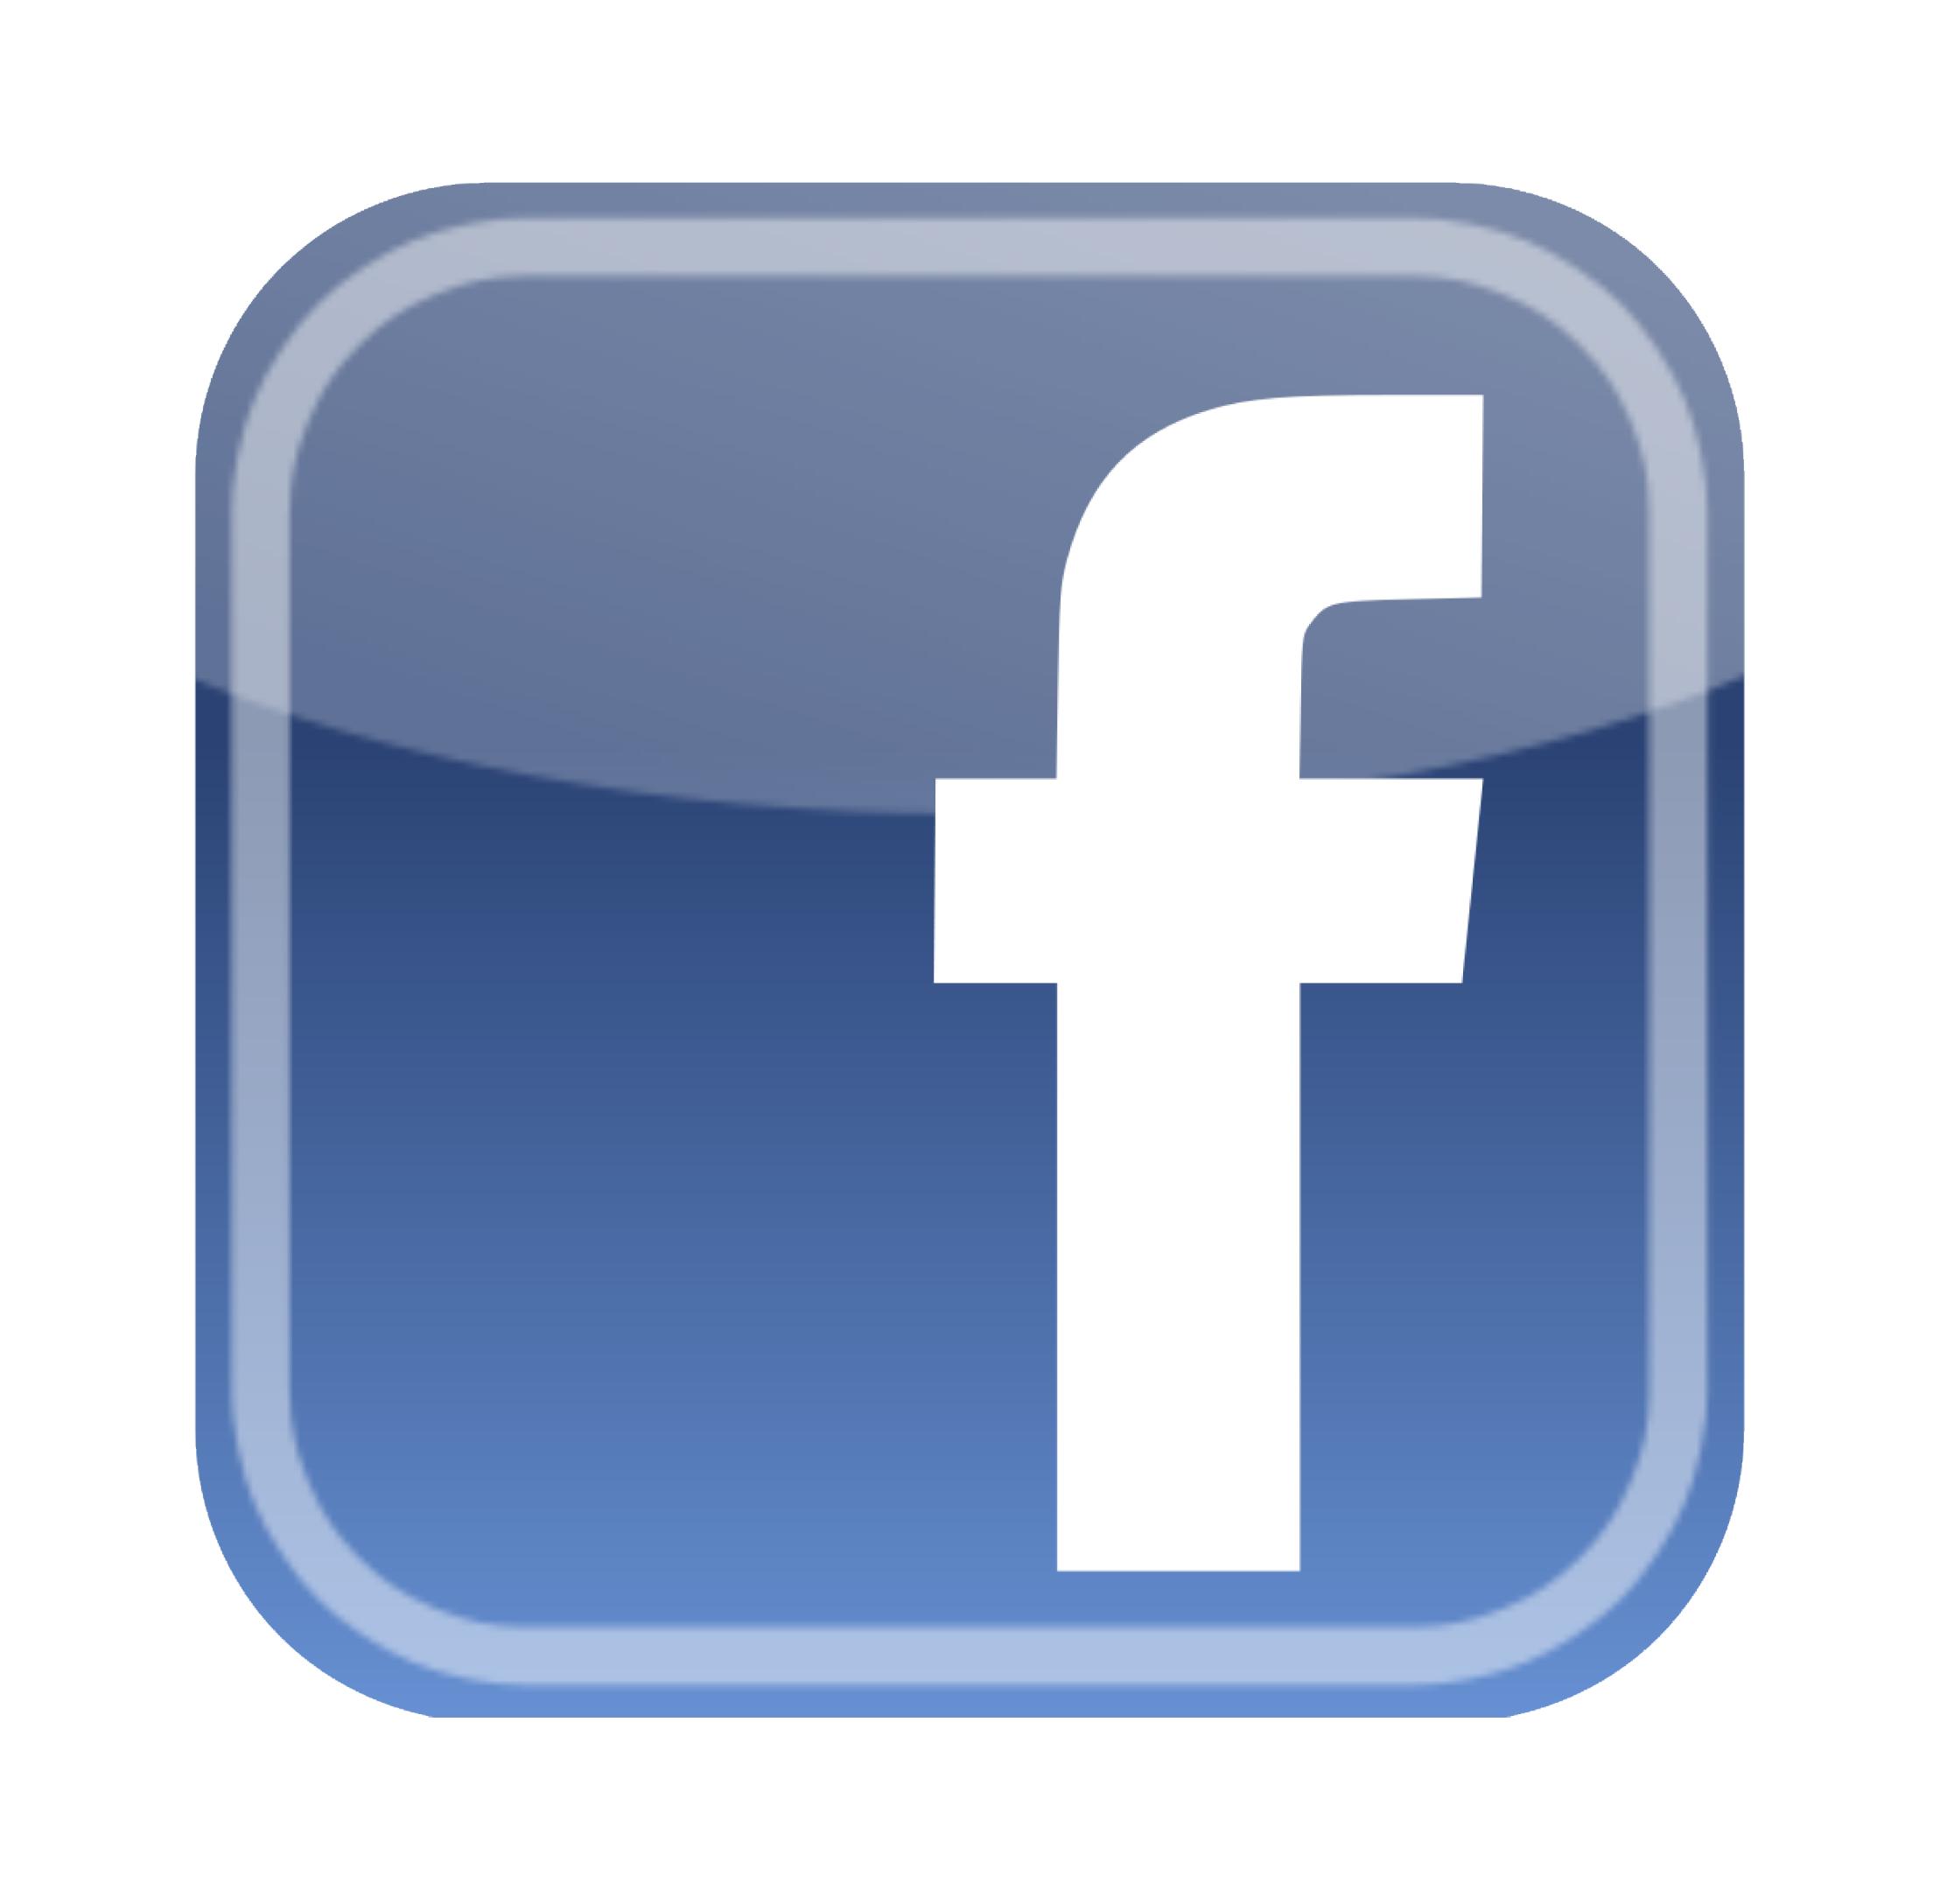 https://www.facebook.com/diocesetoledo